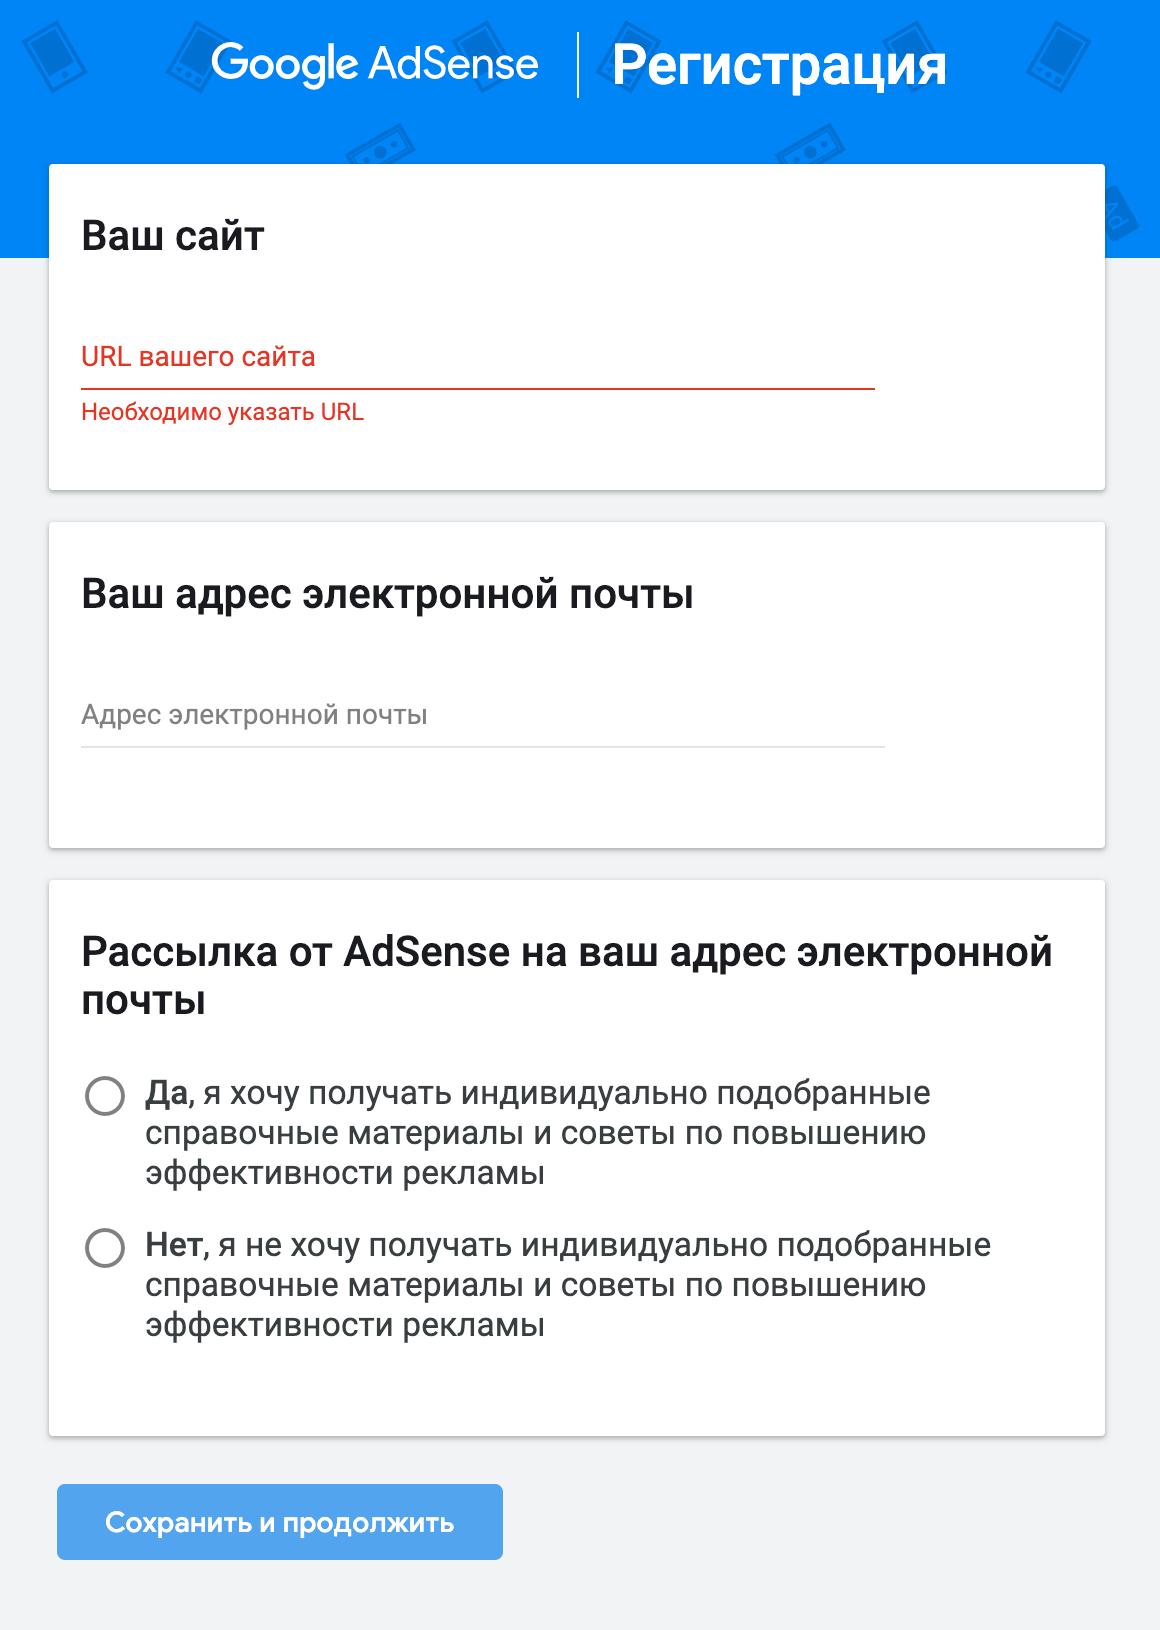 В инструкции есть упоминание, что контент на сайте должен быть оригинальным, а права на созданные материалы — у владельца